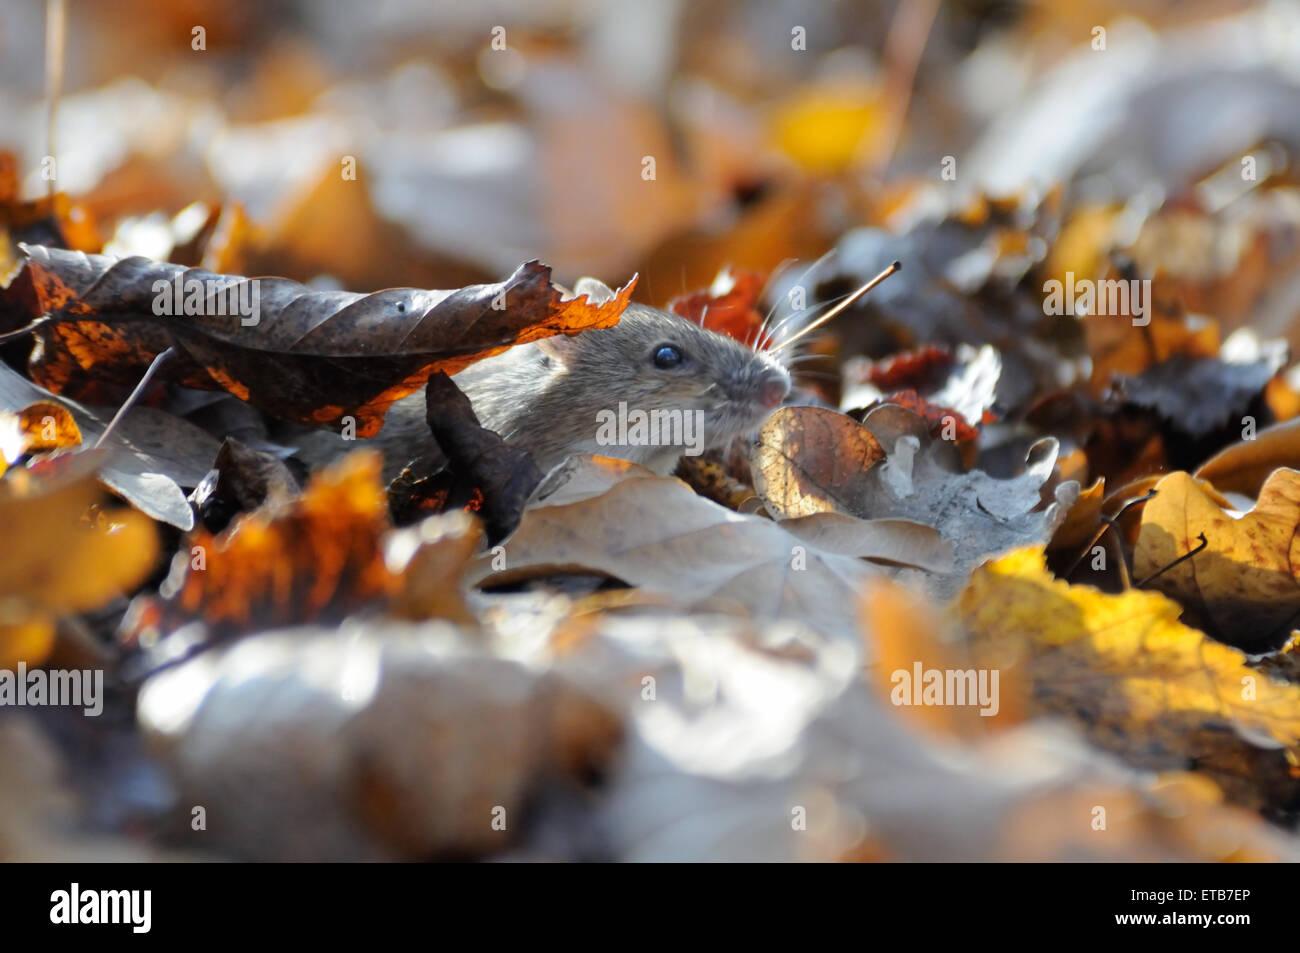 Gestreifte Feldmaus unter trockenen Blättern, die im Gegensatz zu Blitz Stockbild